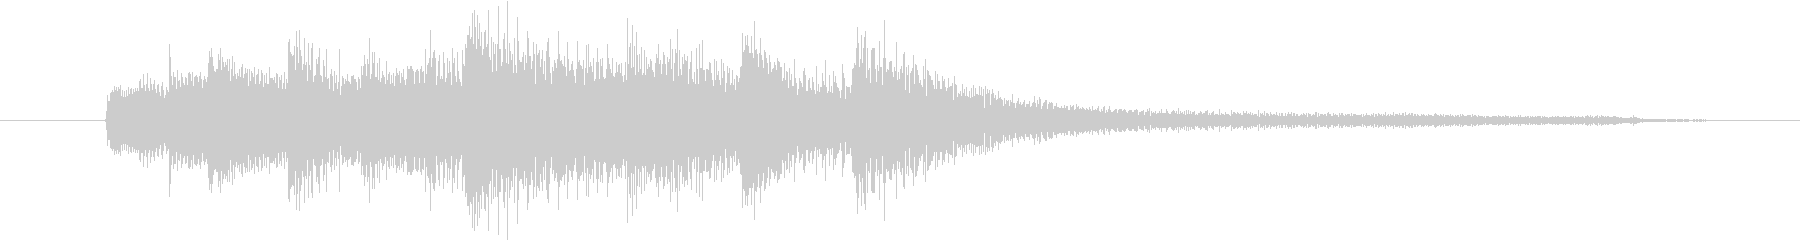 【生楽器】7拍子でクールでお洒落で……の未再生の波形